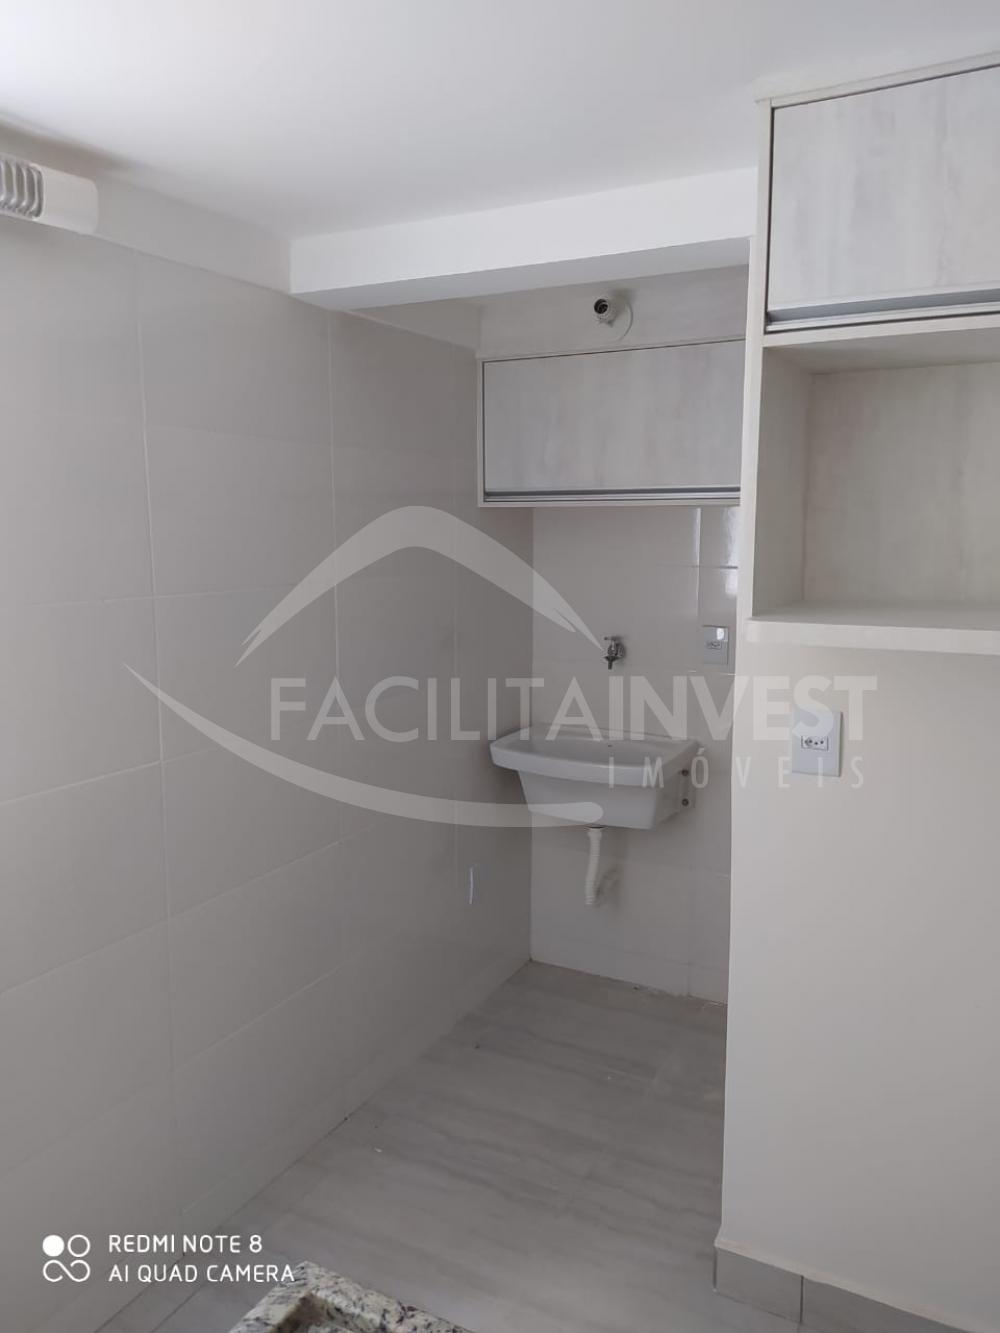 Alugar Apartamentos / Apart. Padrão em Ribeirão Preto apenas R$ 1.900,00 - Foto 9